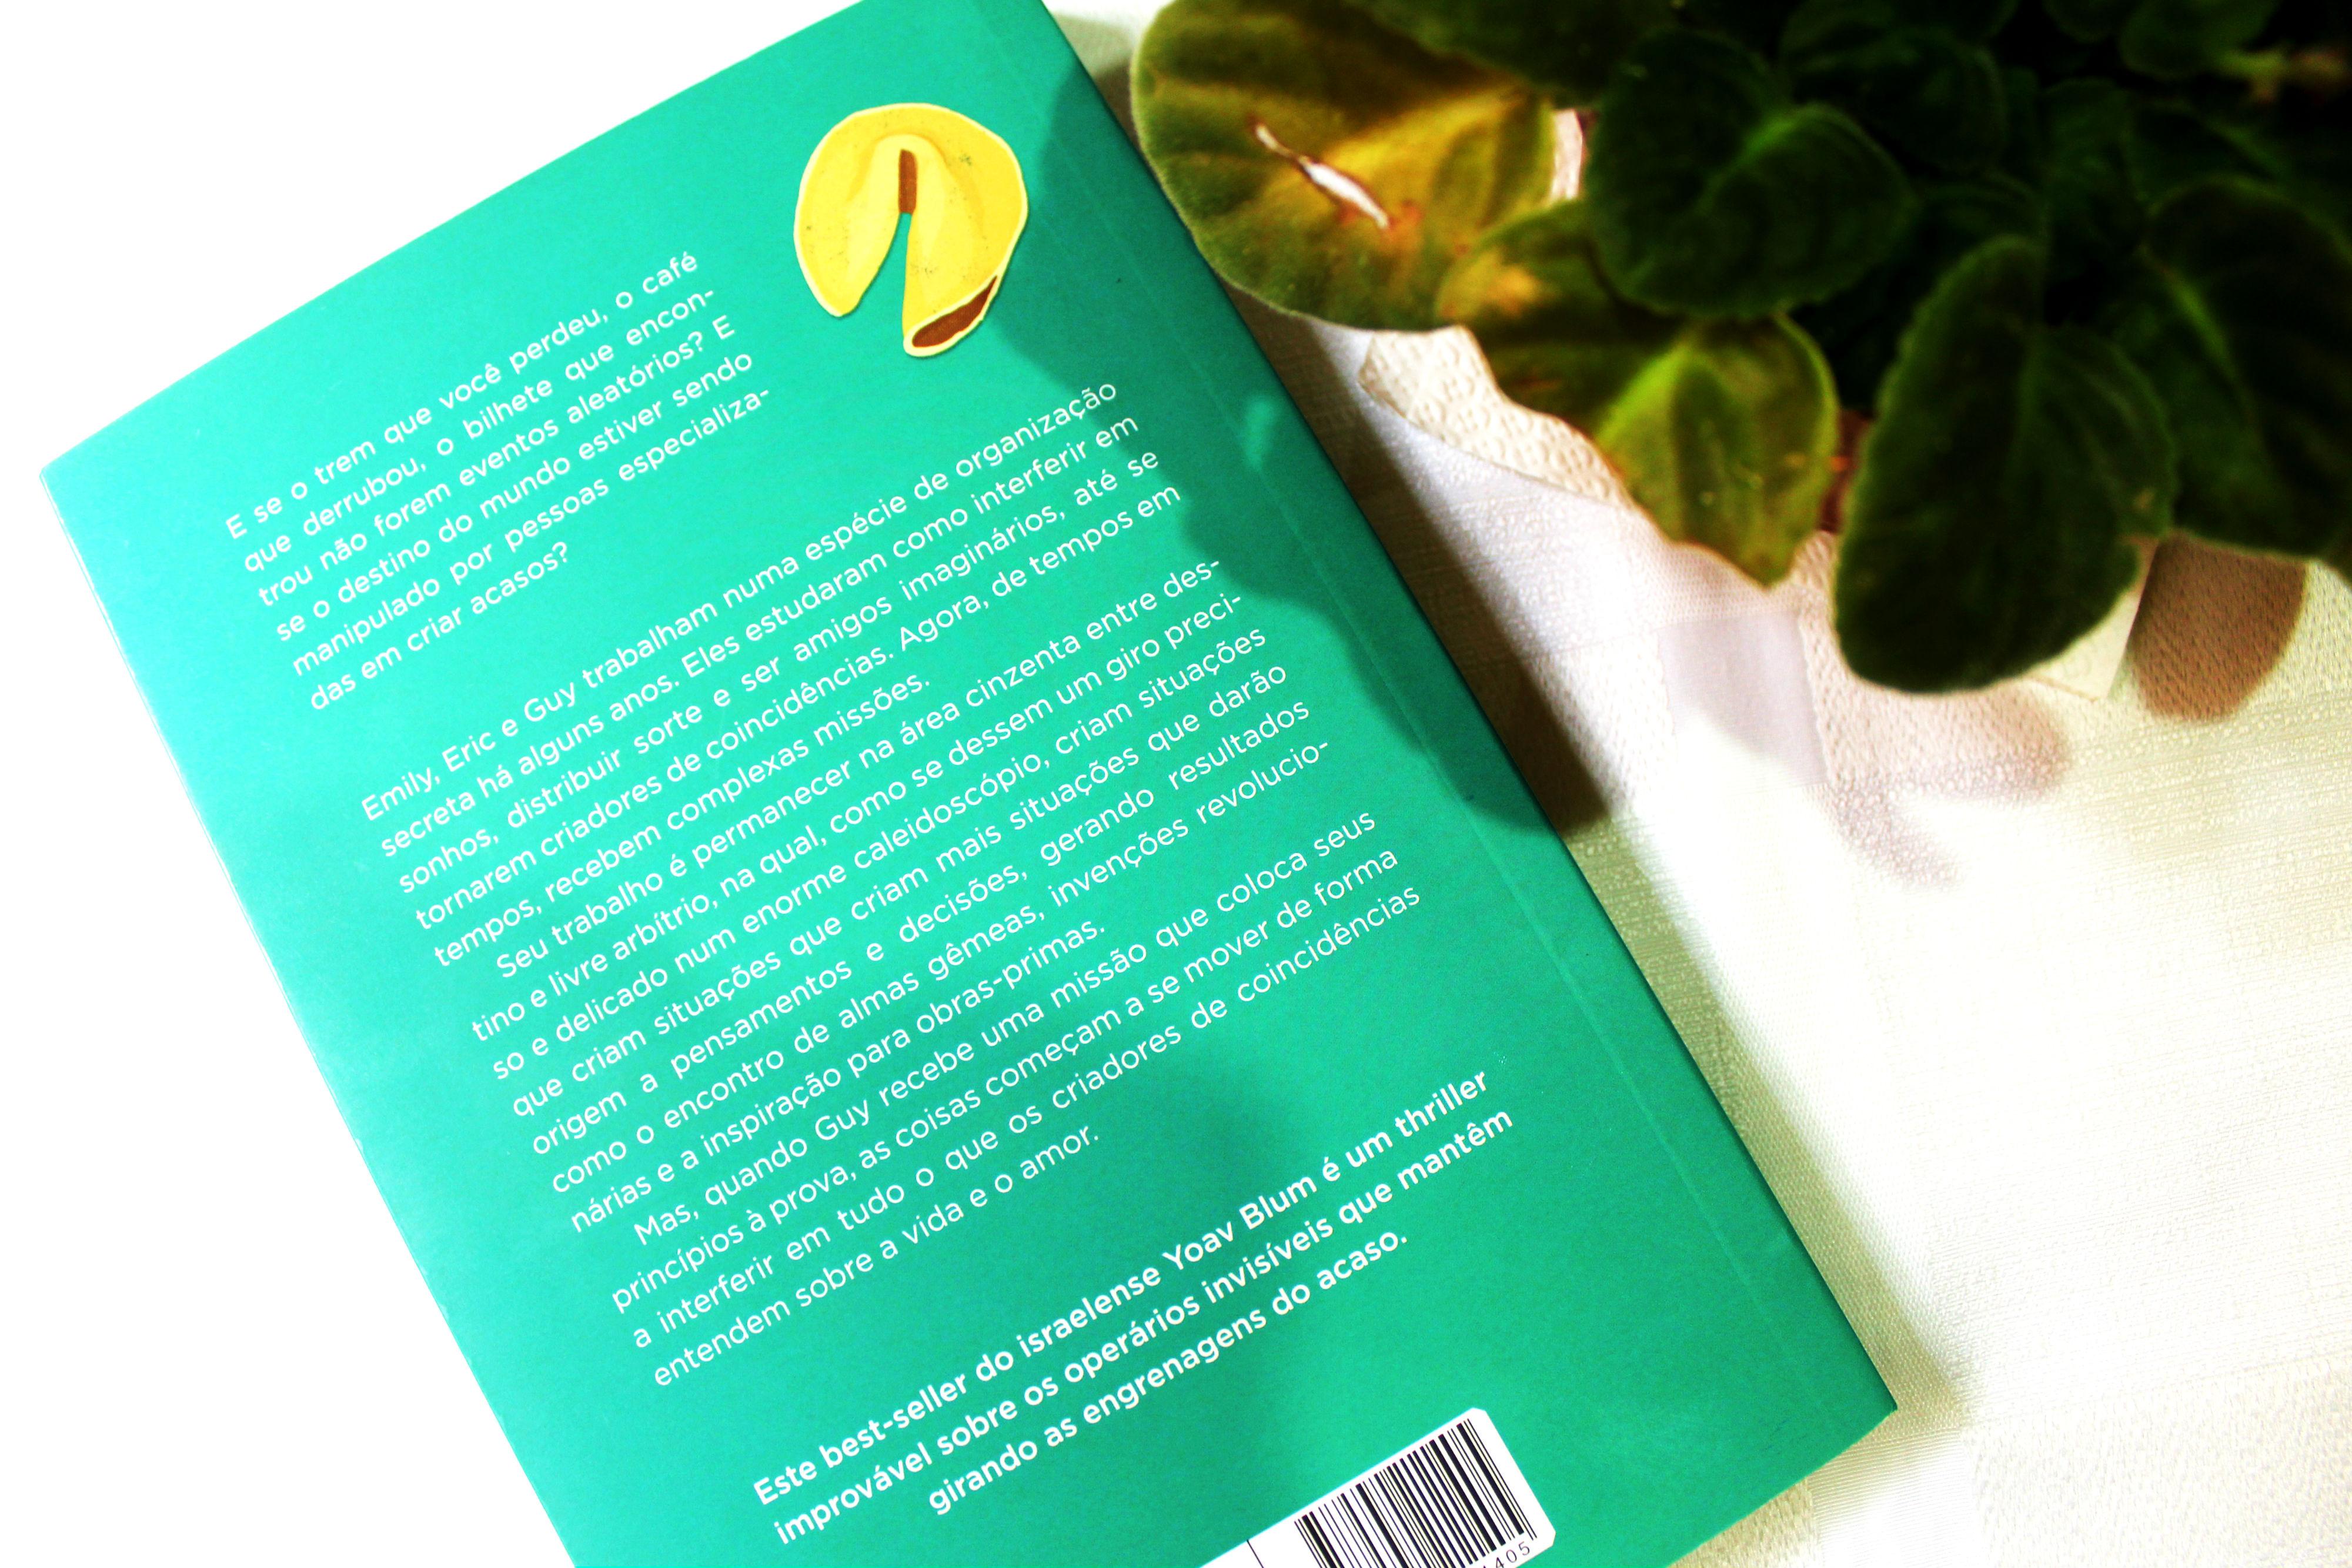 Contra capa do livro Os criadores de coincidências